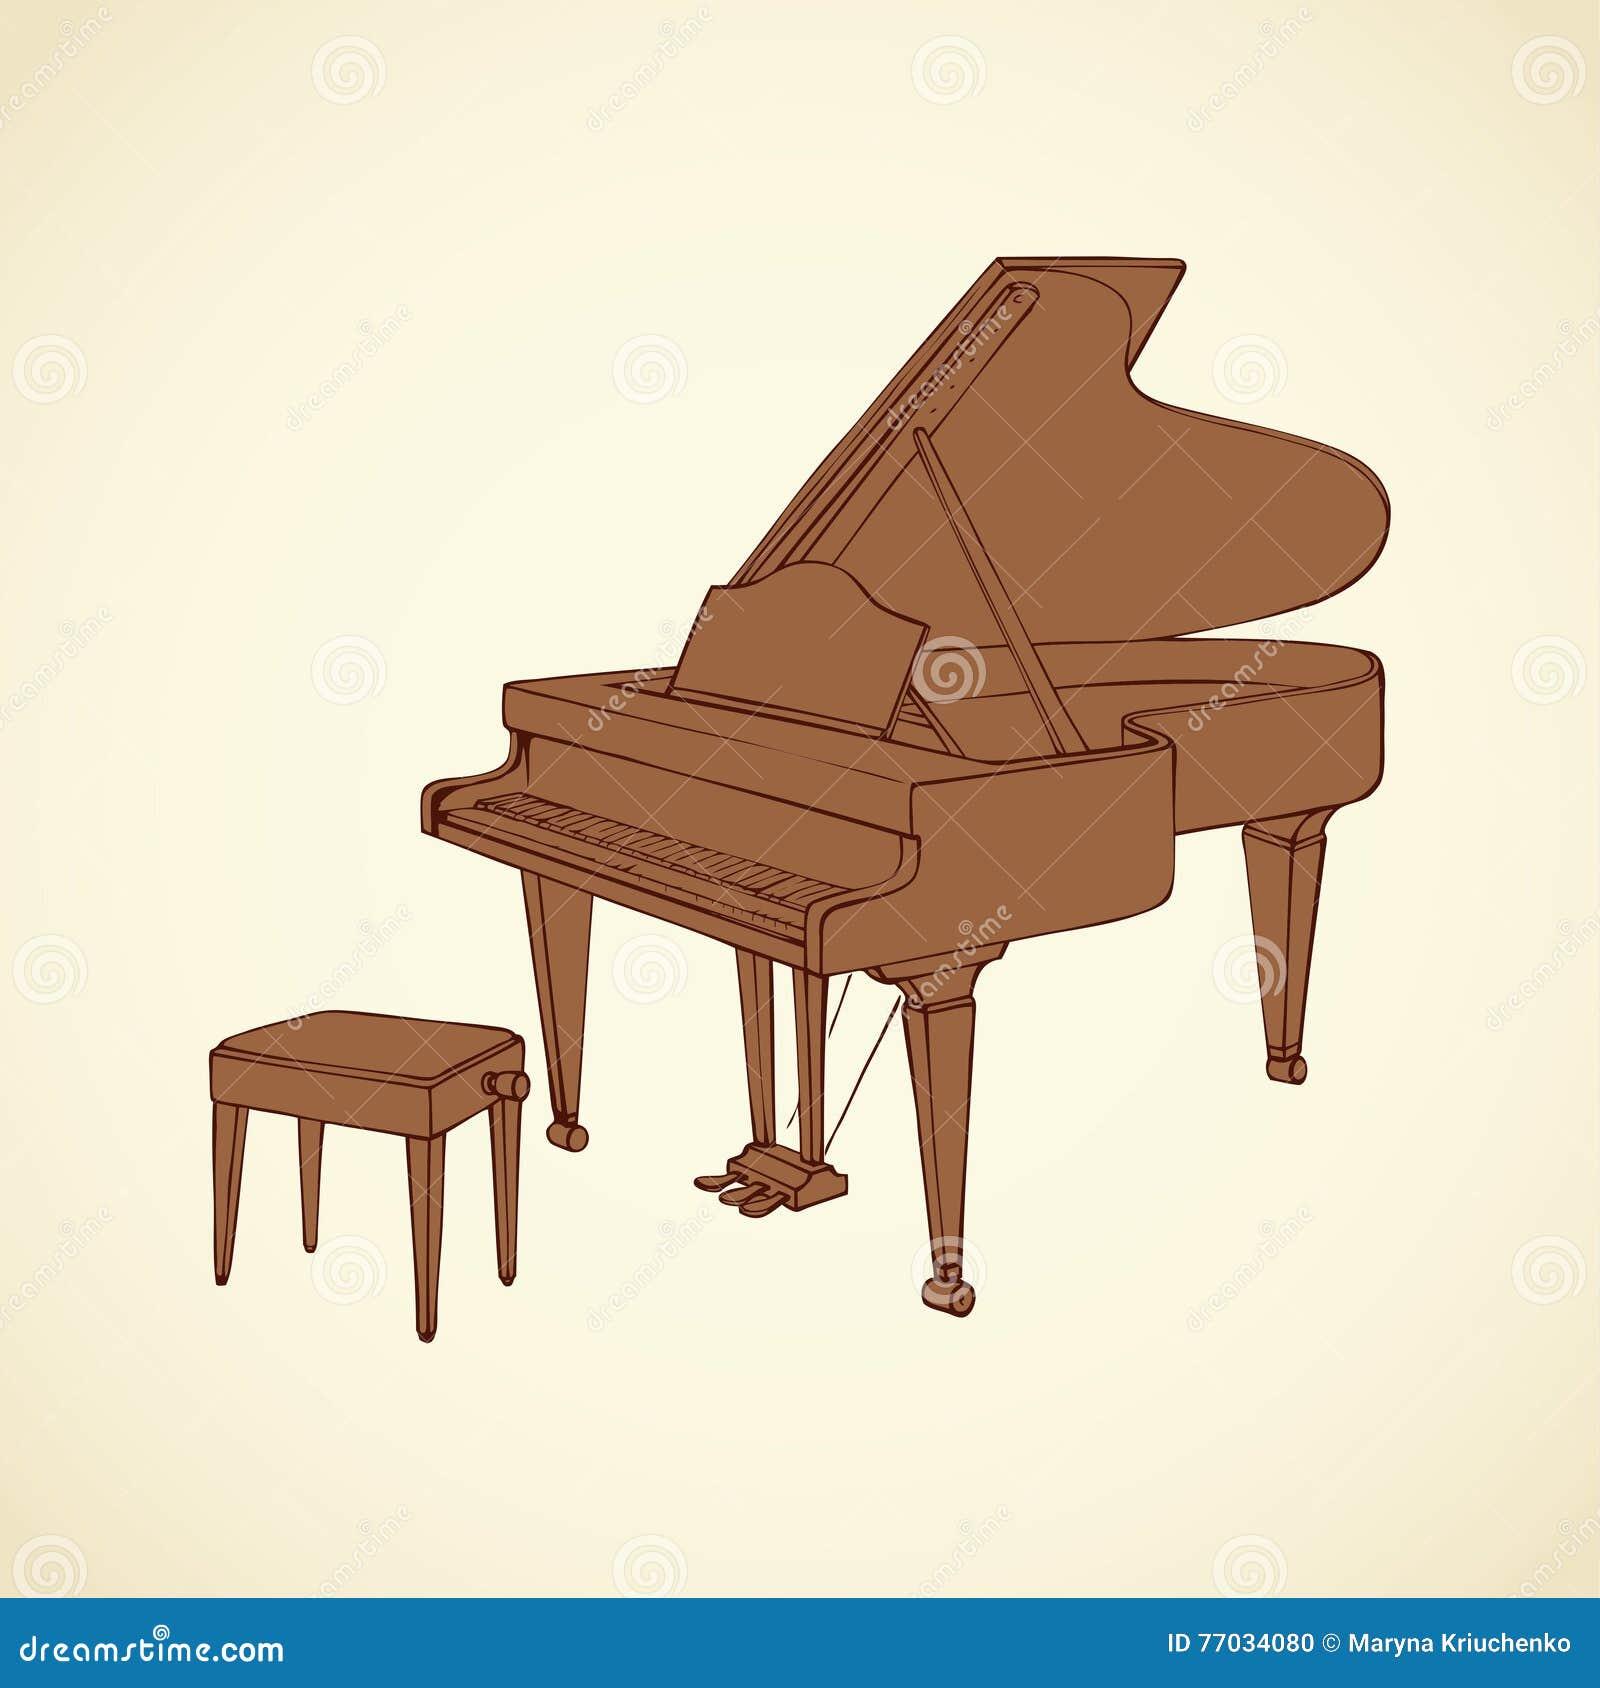 Disegno di vettore di un pianoforte a coda aperto for Disegno di piano domestico